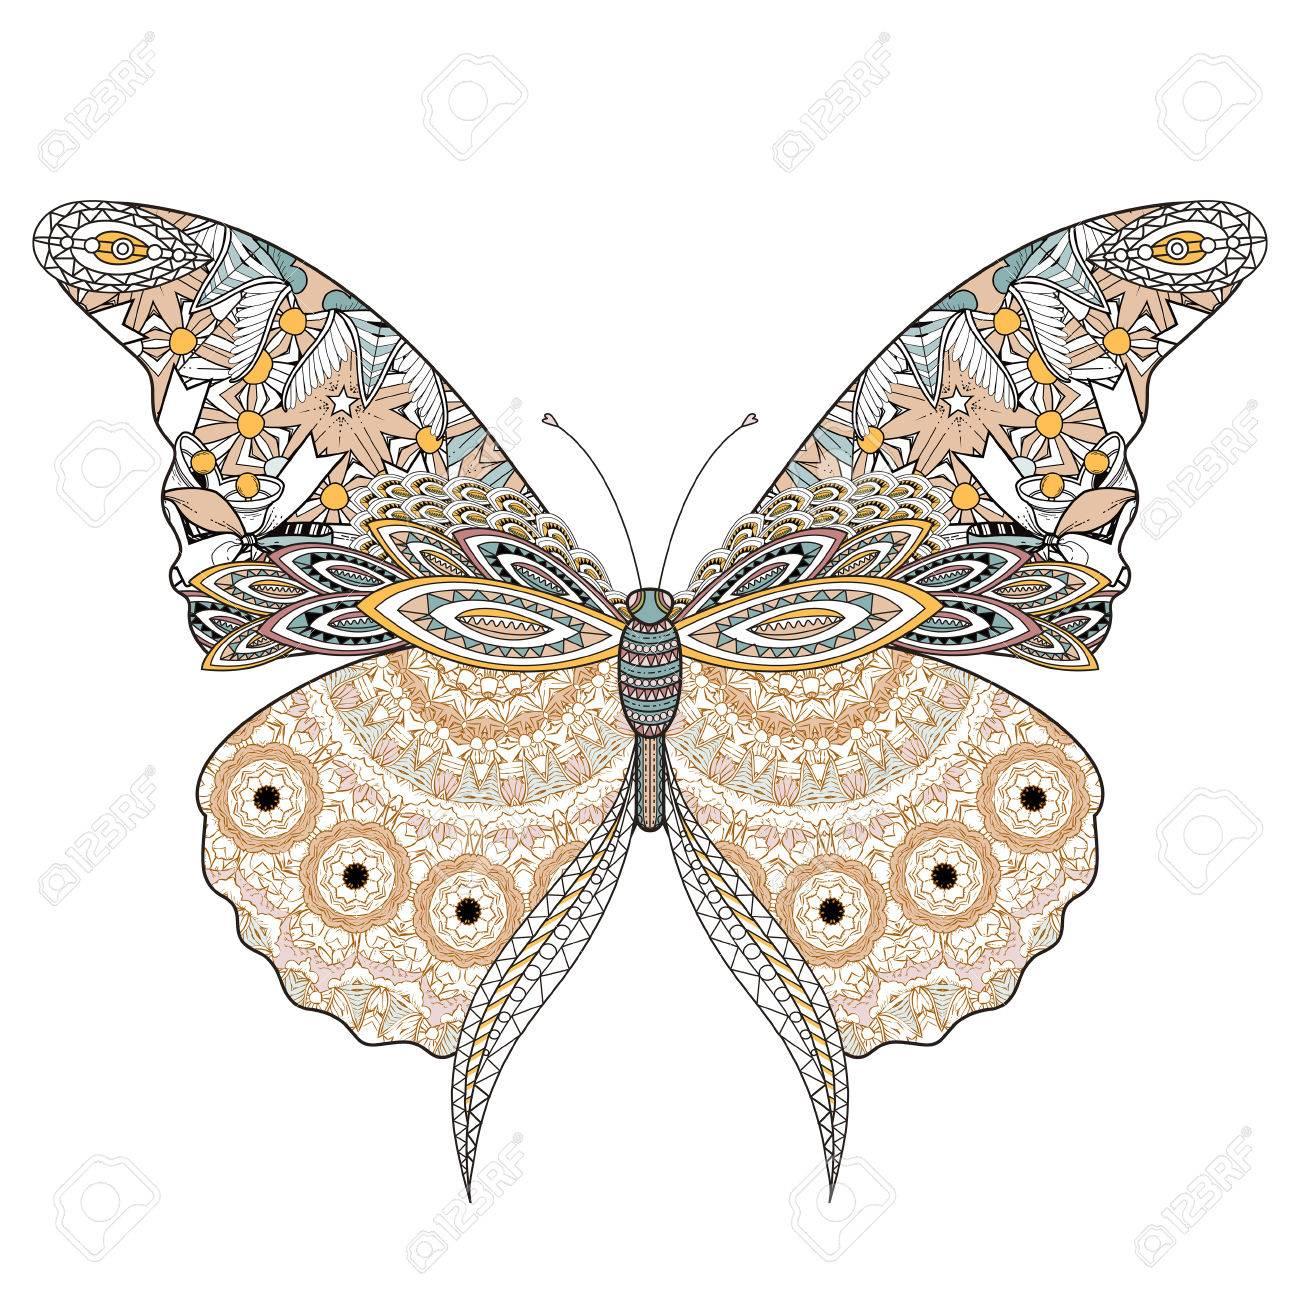 Ungewöhnlich Erweiterte Malvorlagen Schmetterling Galerie ...